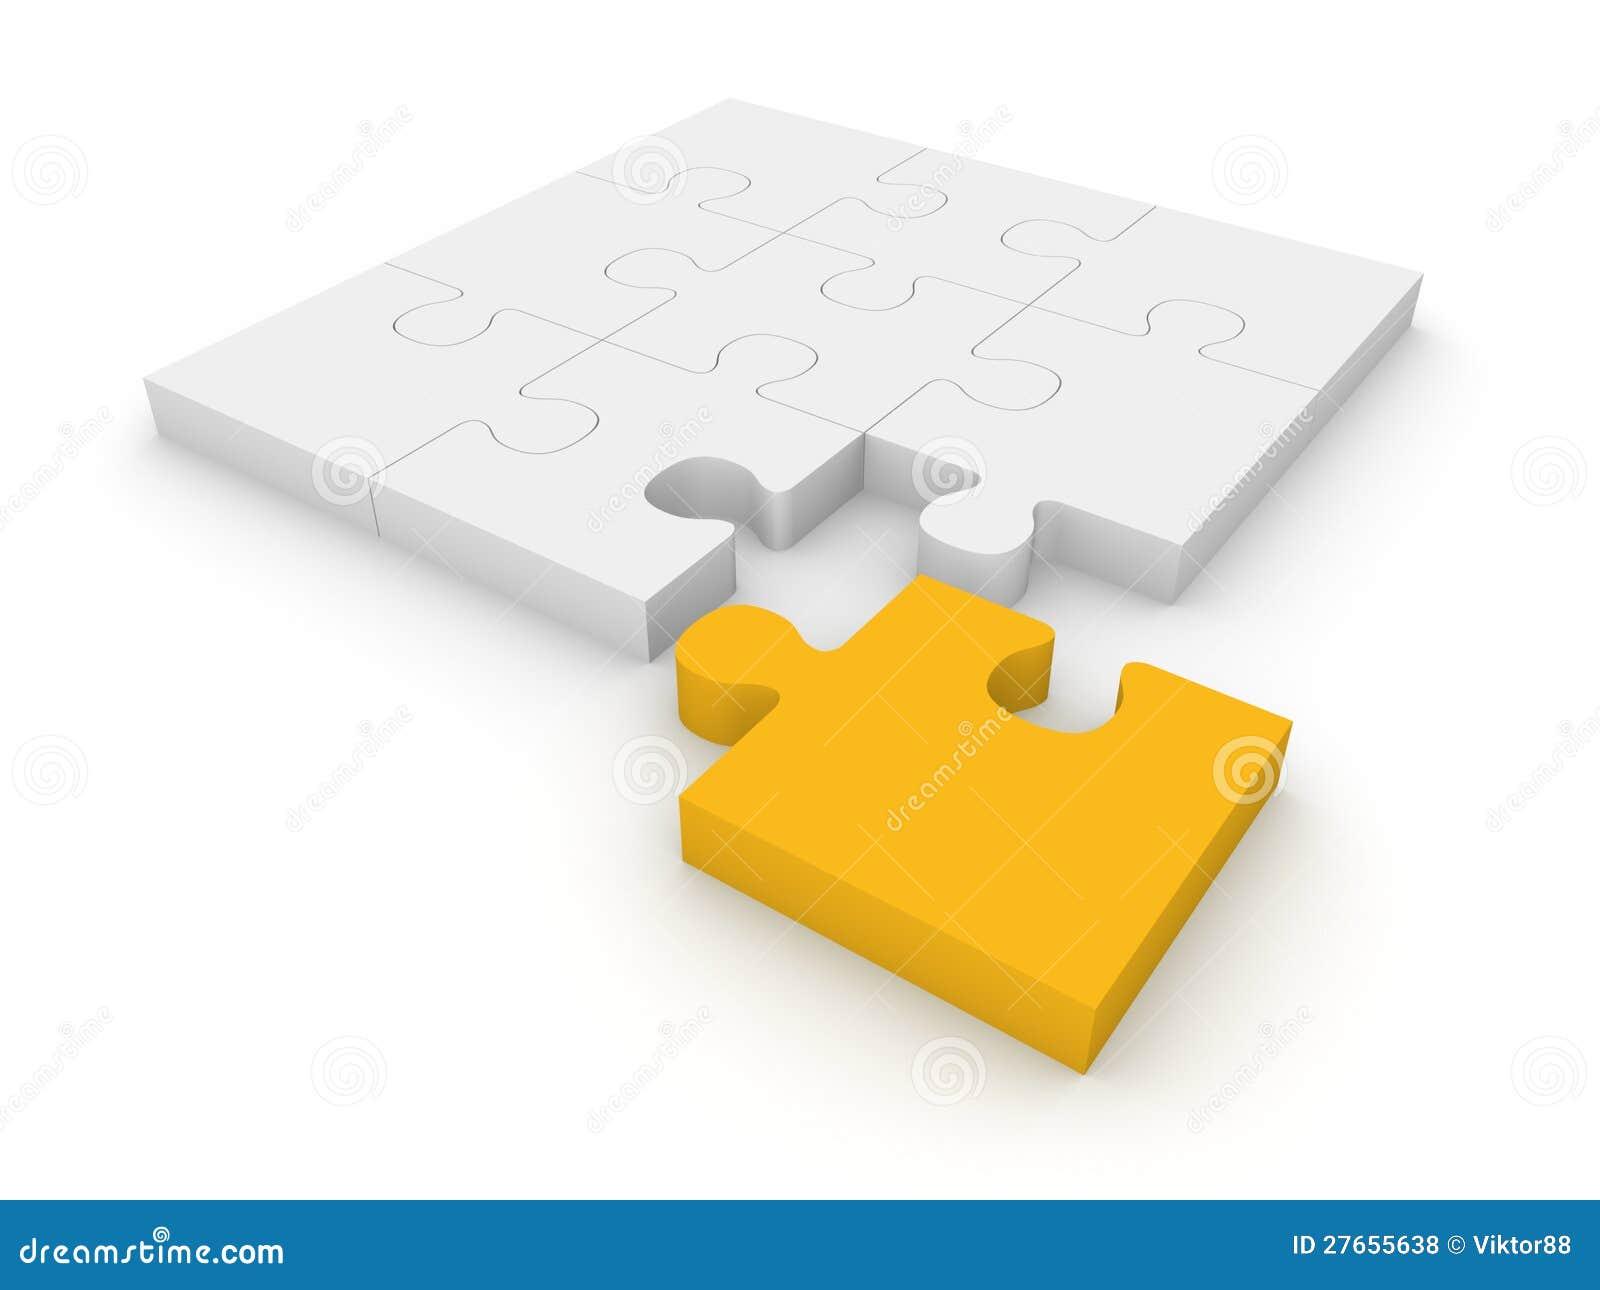 Rompecabezas de rompecabezas con diverso pedazo